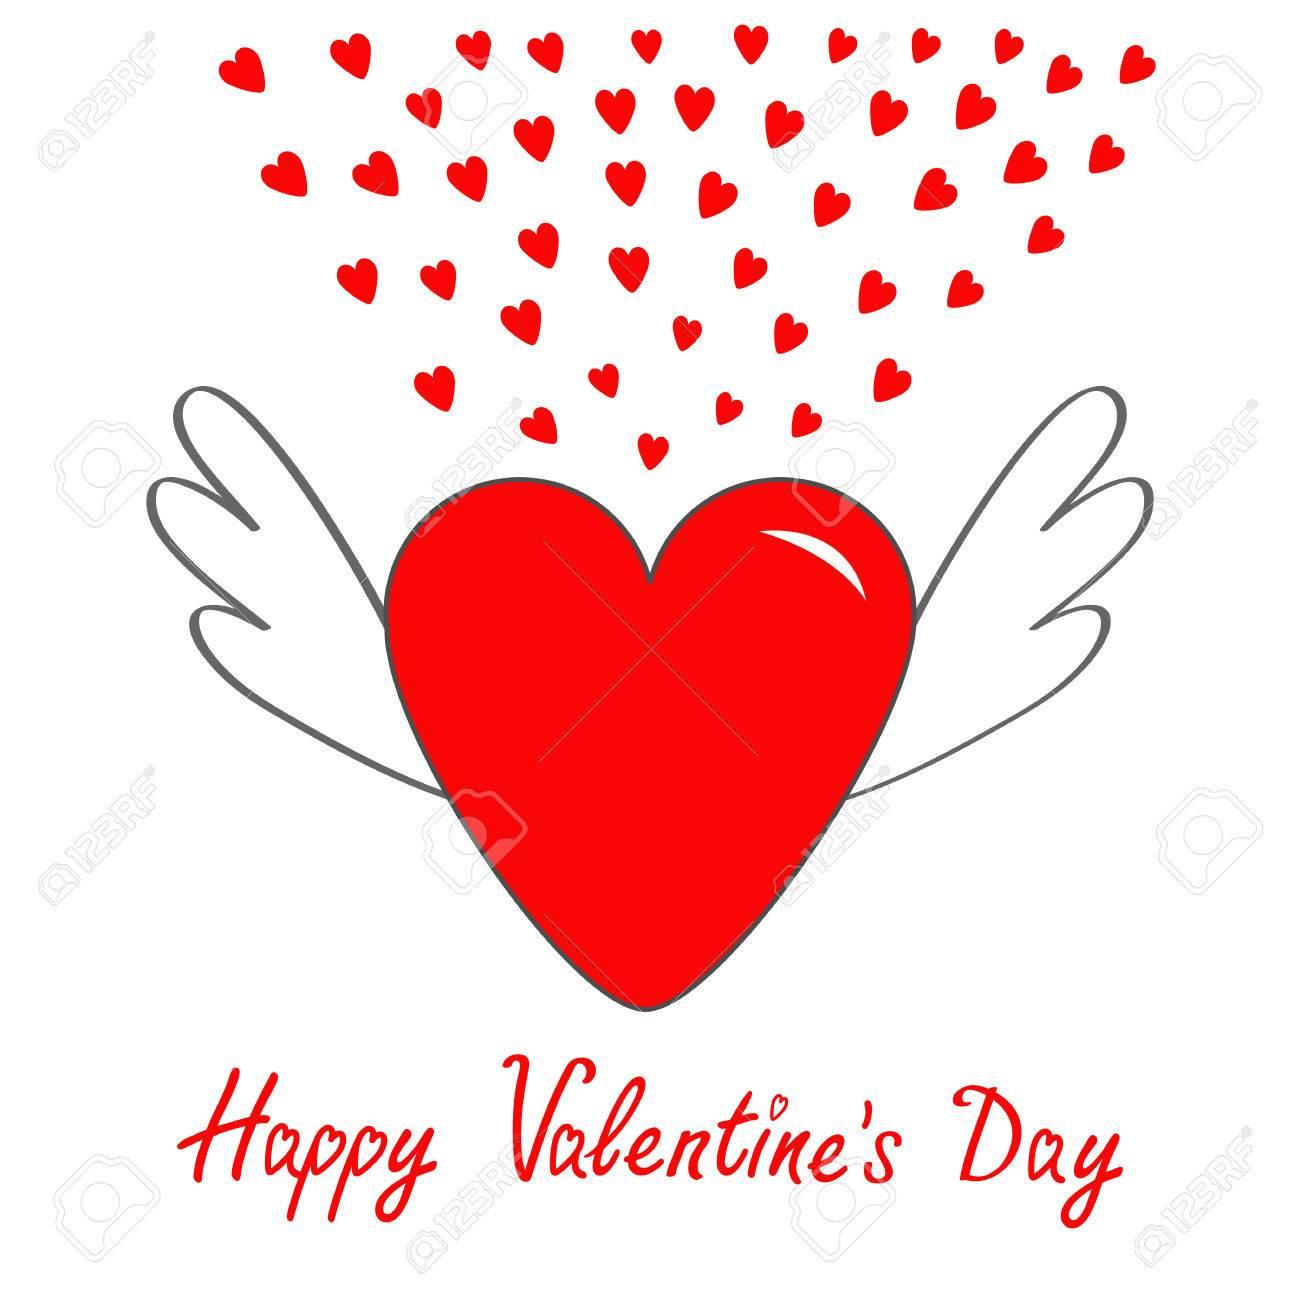 Feliz Día De San Valentín Corazón Rojo Con Alas Símbolo De Signo